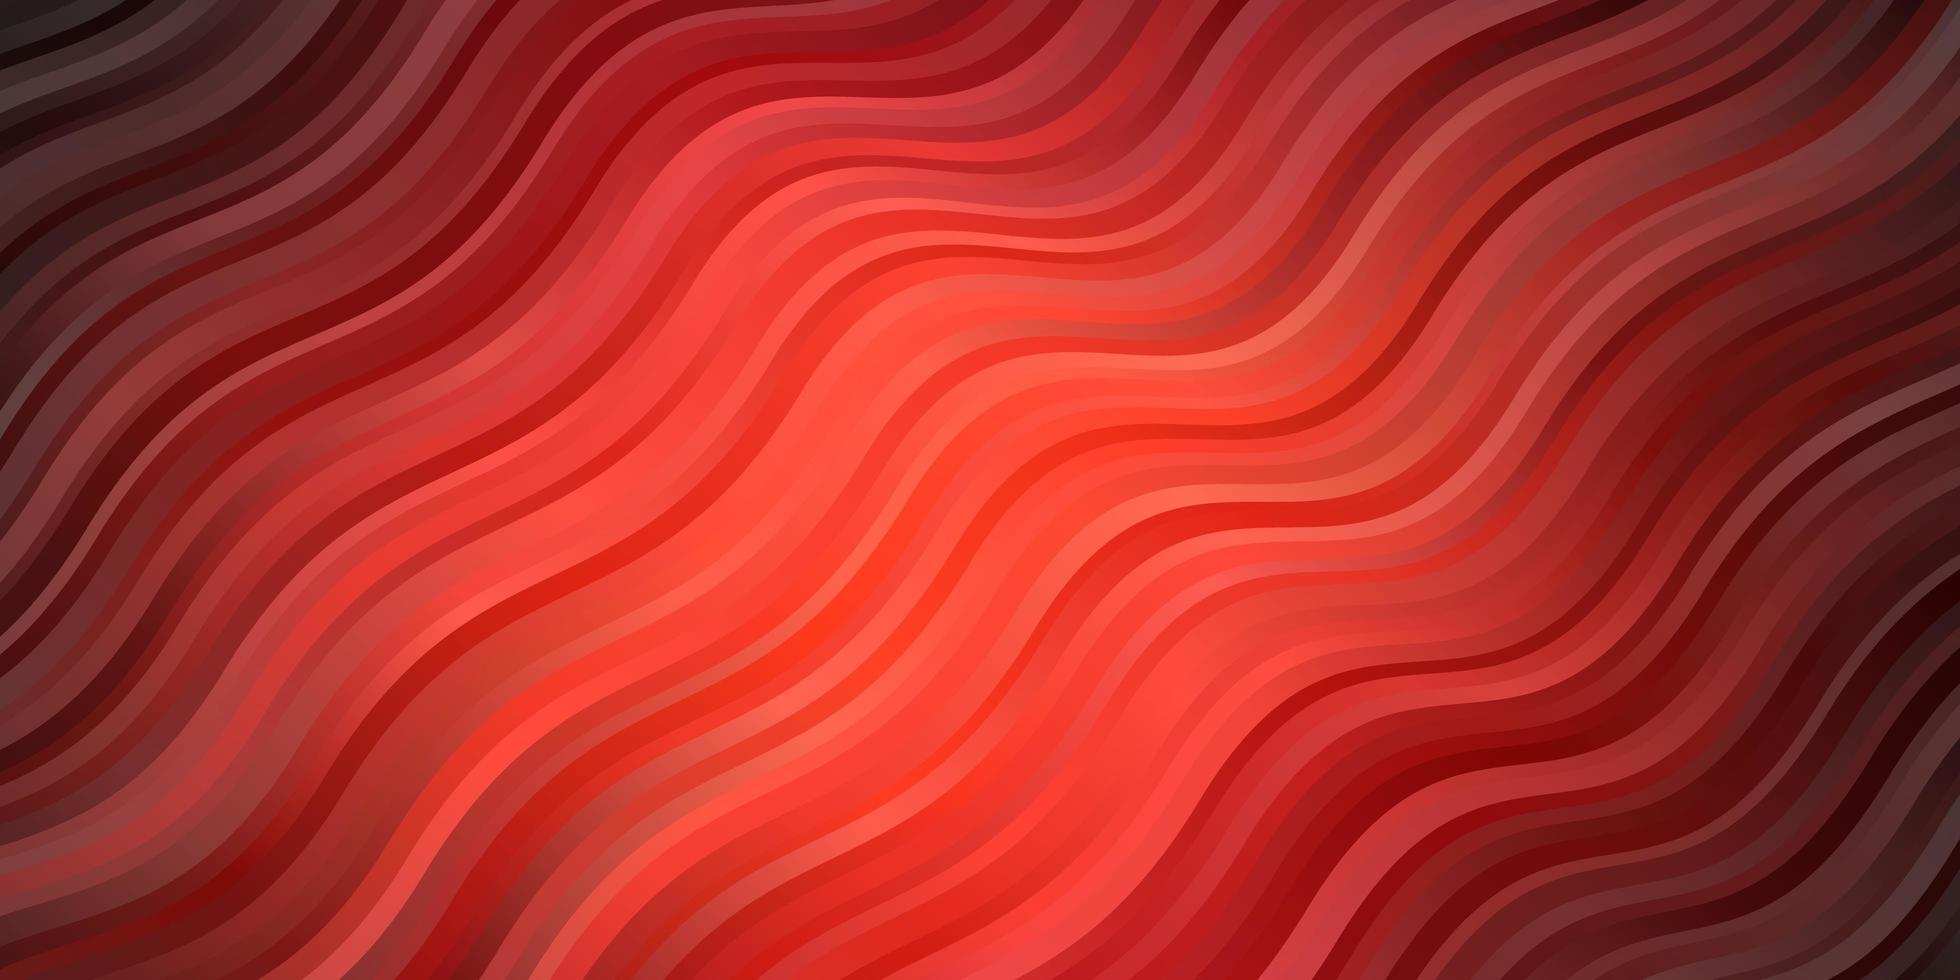 sfondo vettoriale rosa scuro, rosso con linee ironiche.